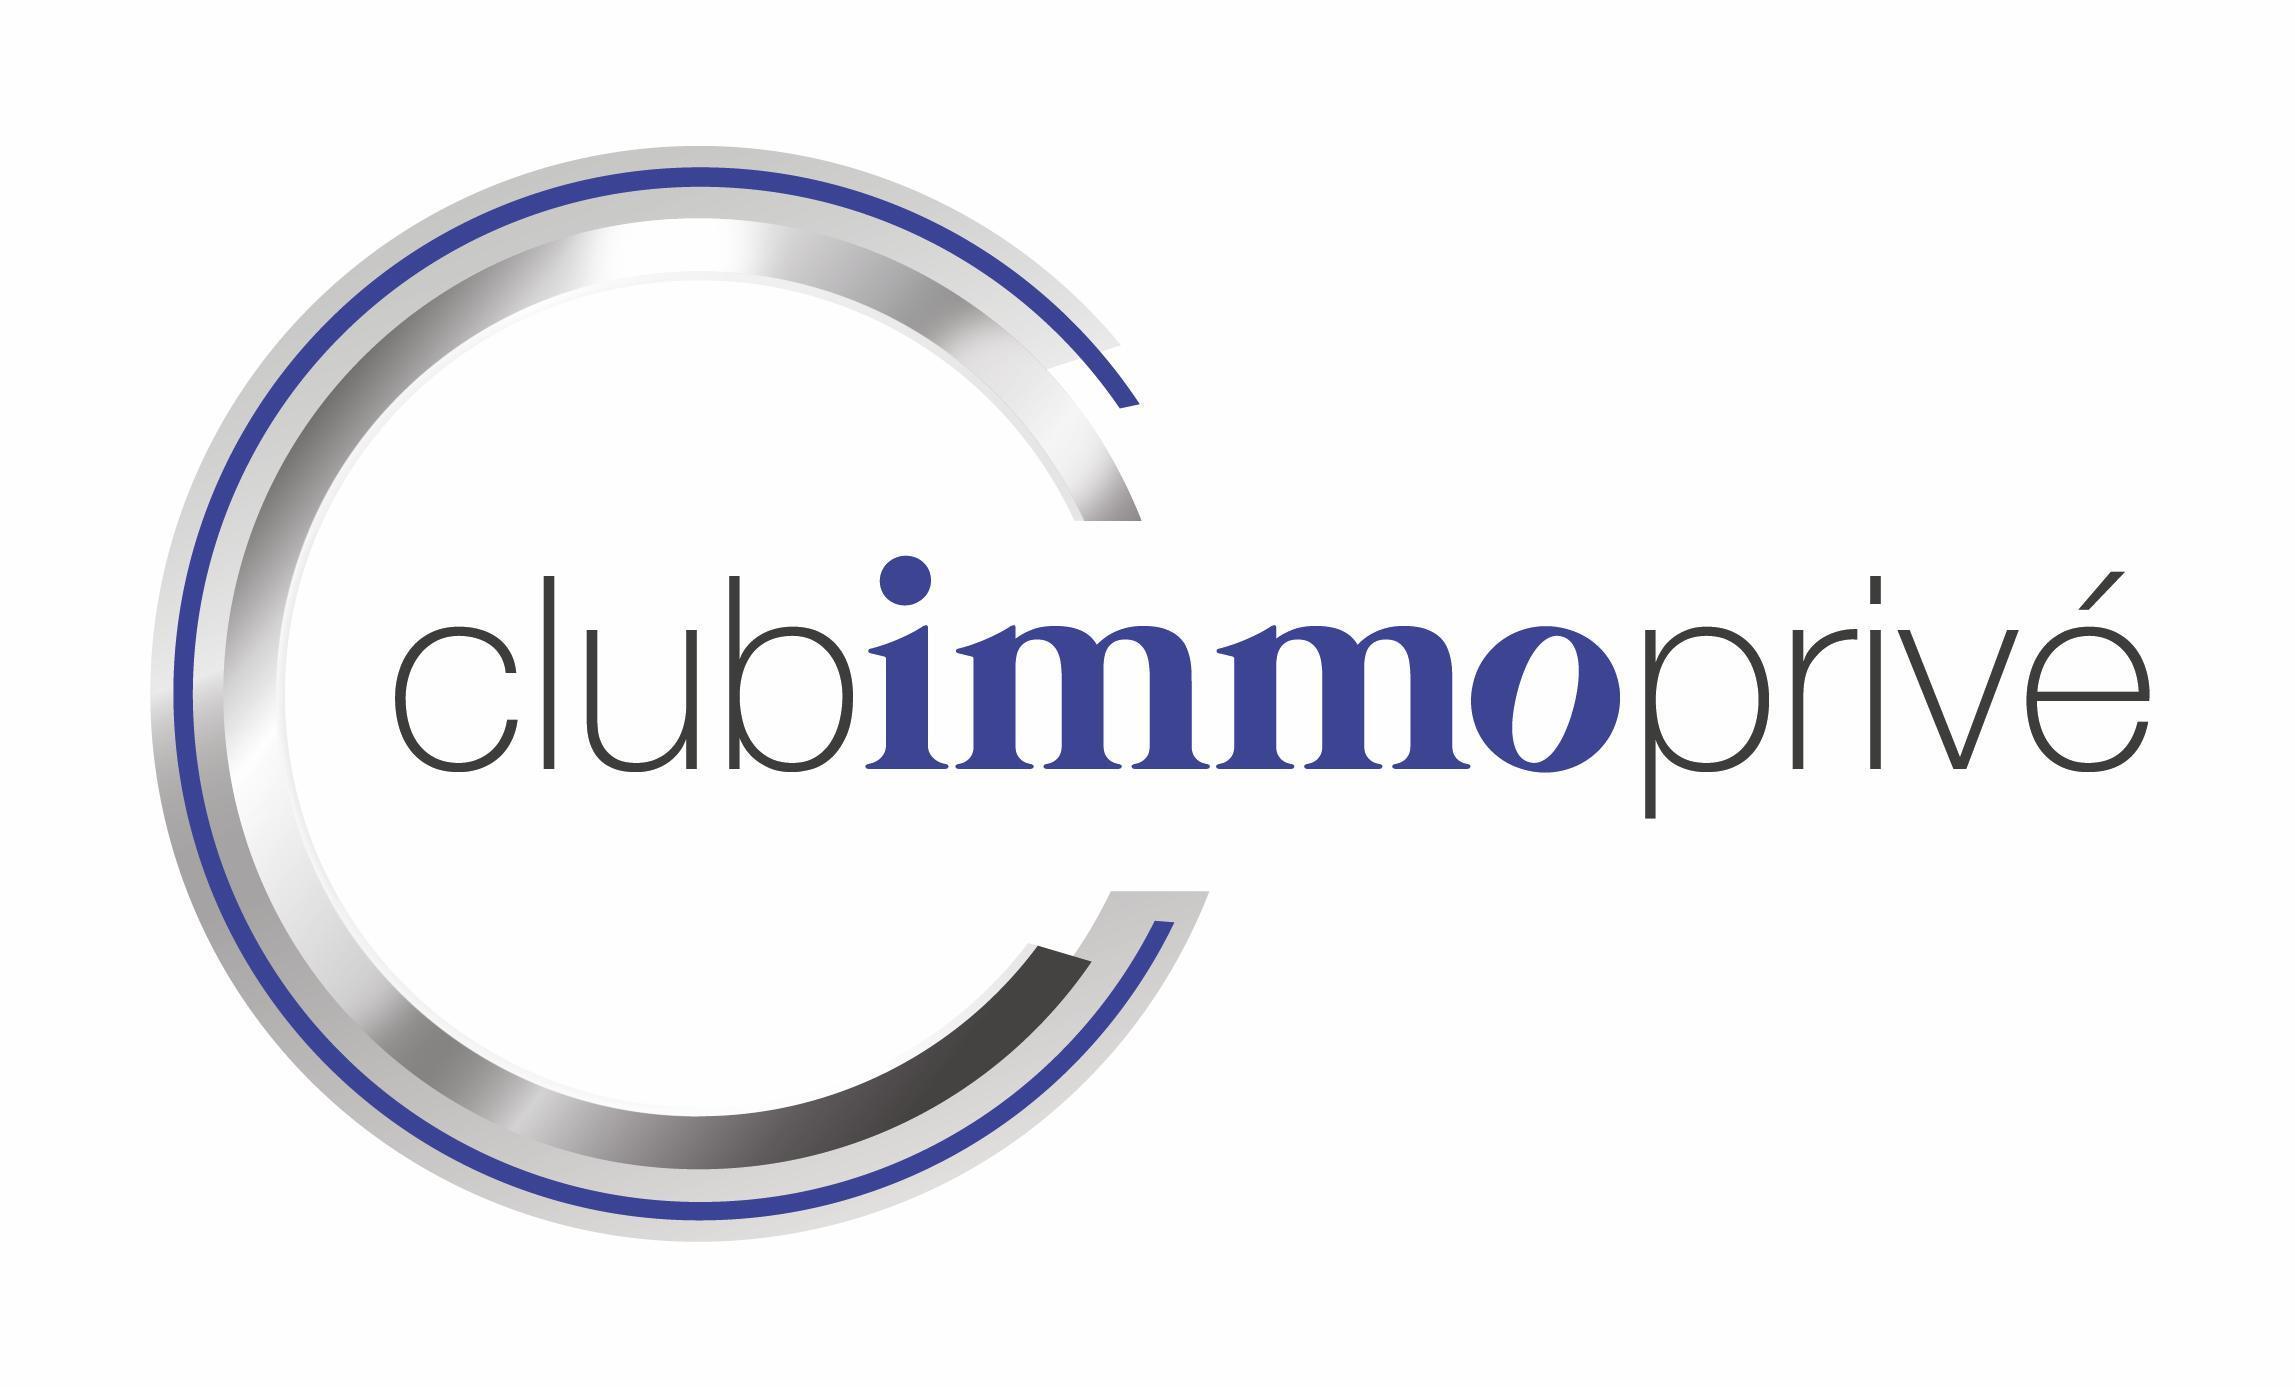 Clubimmoprivé agence immobilière Choisy-Le-Roi 94600